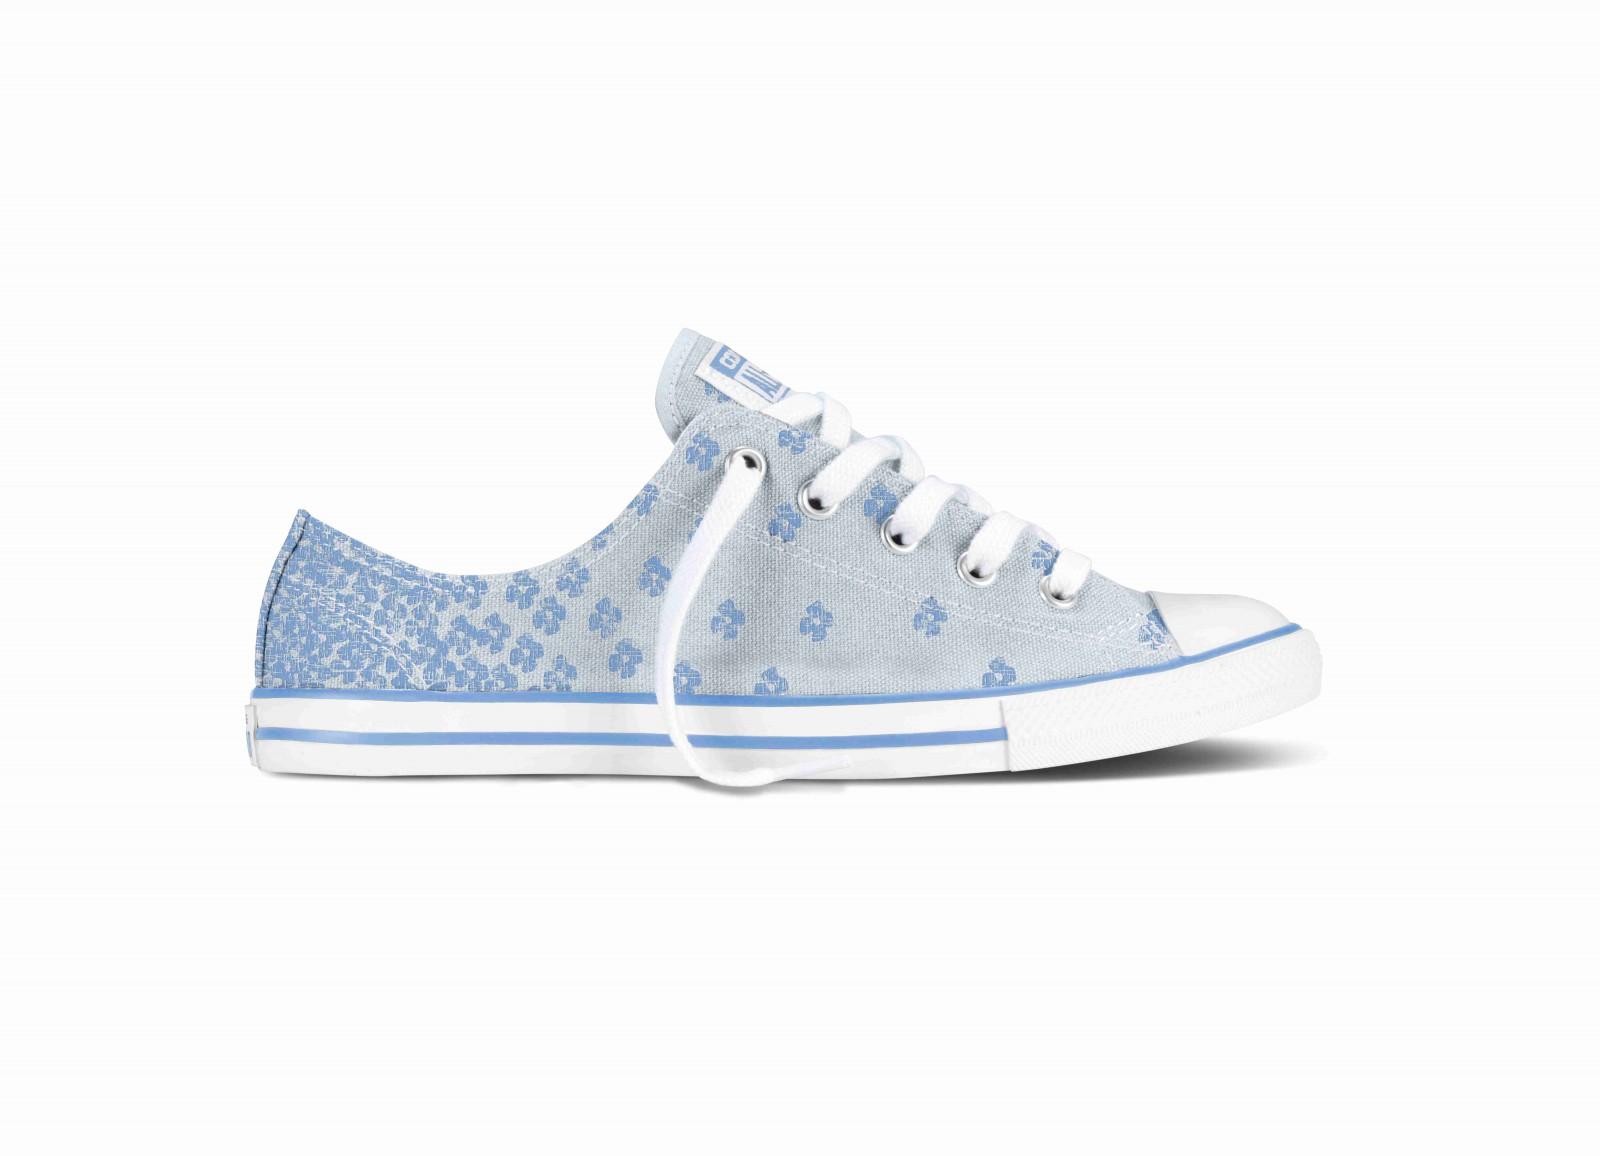 Dámské boty Converse Chuck Taylor All Star Dainty světle modré  9ff405c5c81